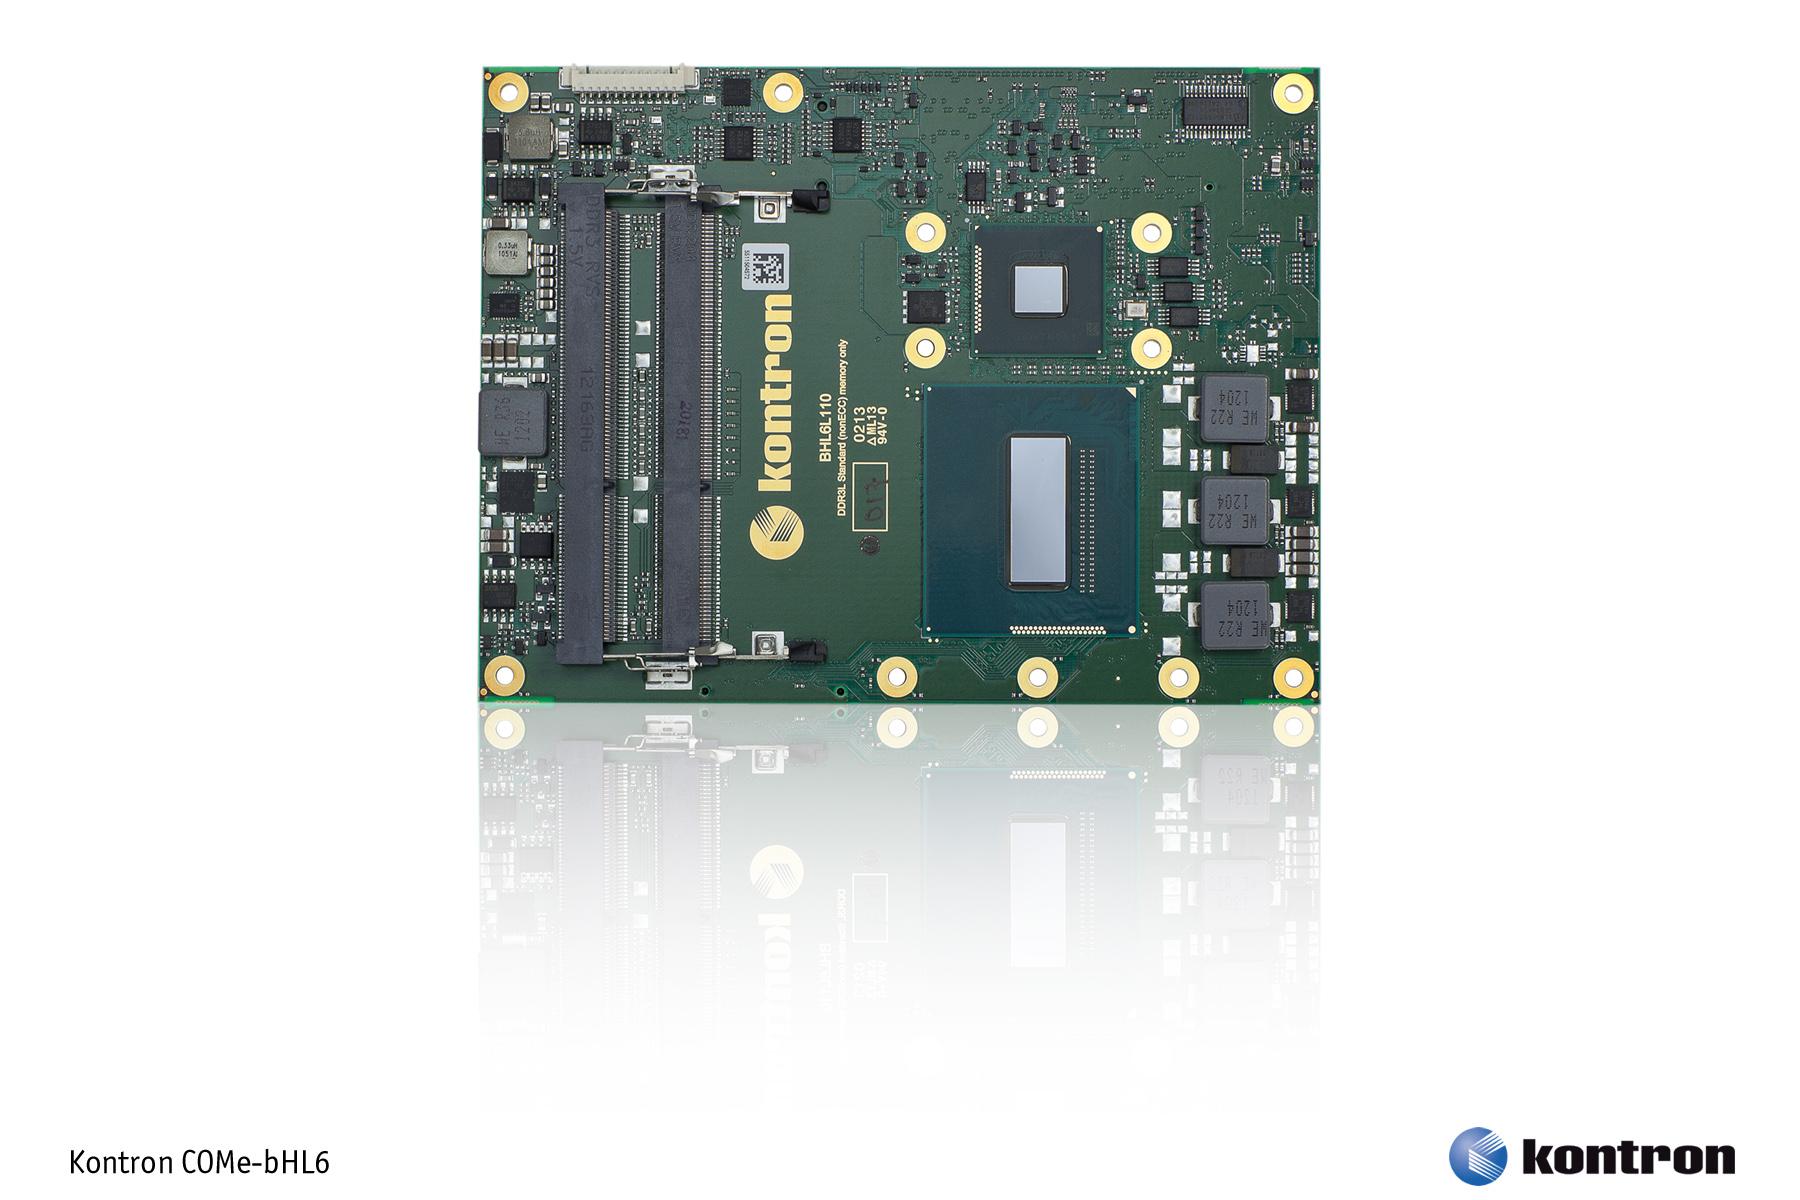 COMe-bHL6 basic на Intel Core 4: двукратный рост графической производительности для встраиваемых систем